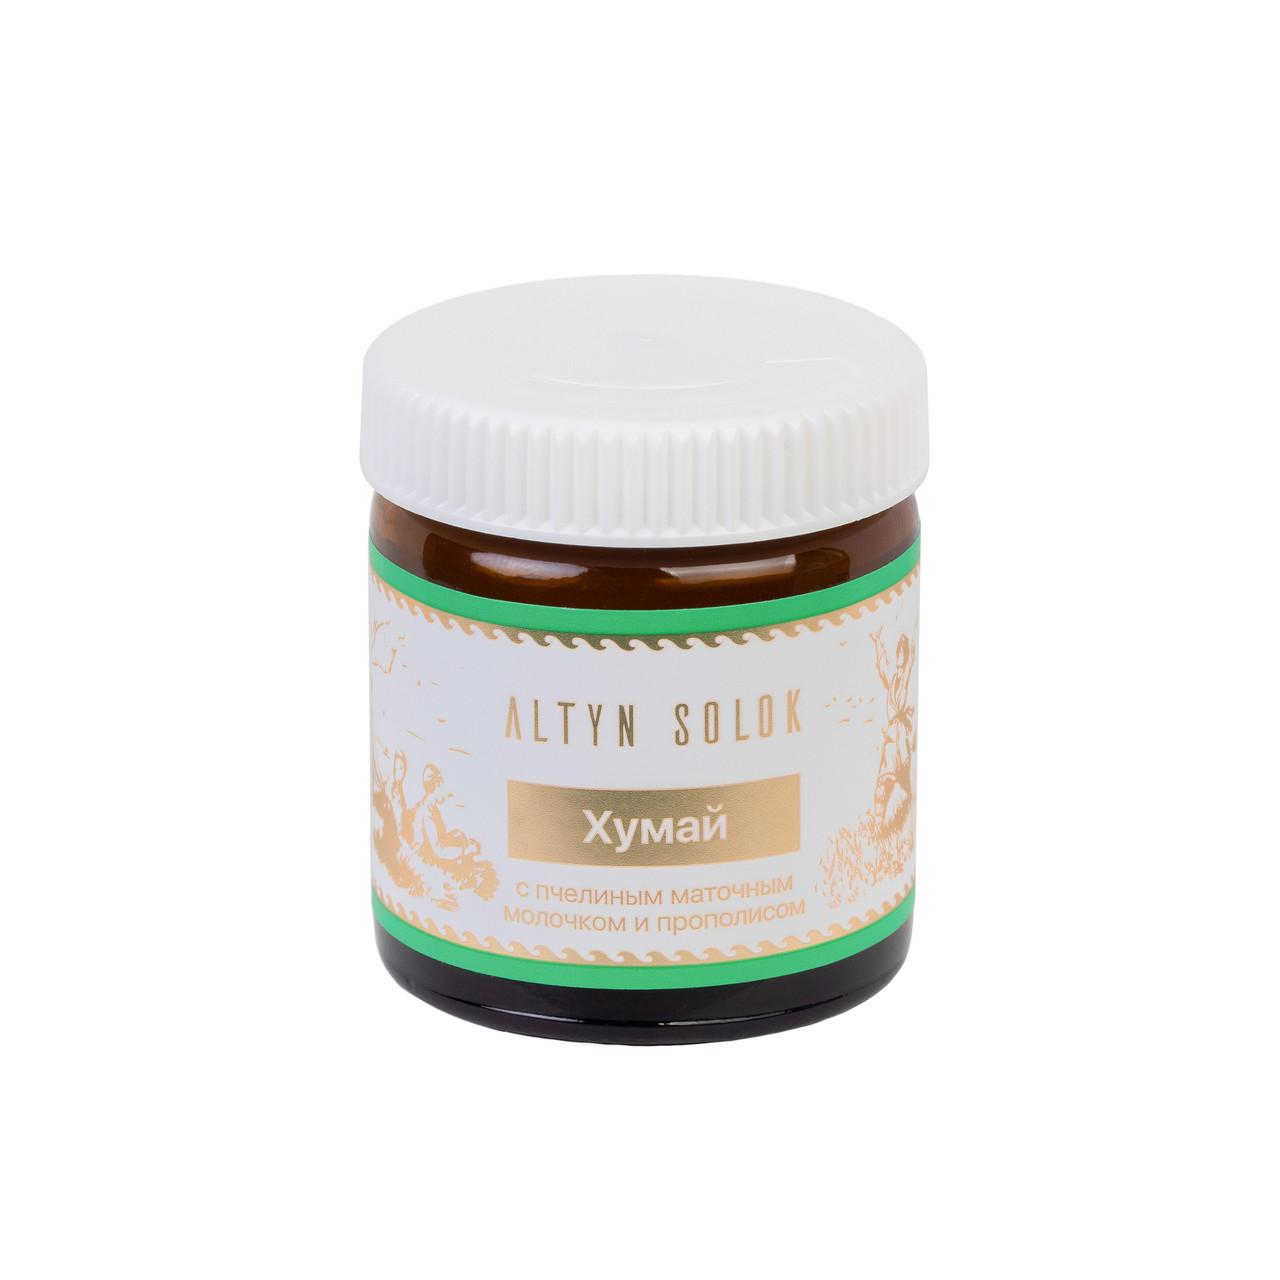 Крем «Хумай» с пчелиным маточным молочком и прополисом 30 мл